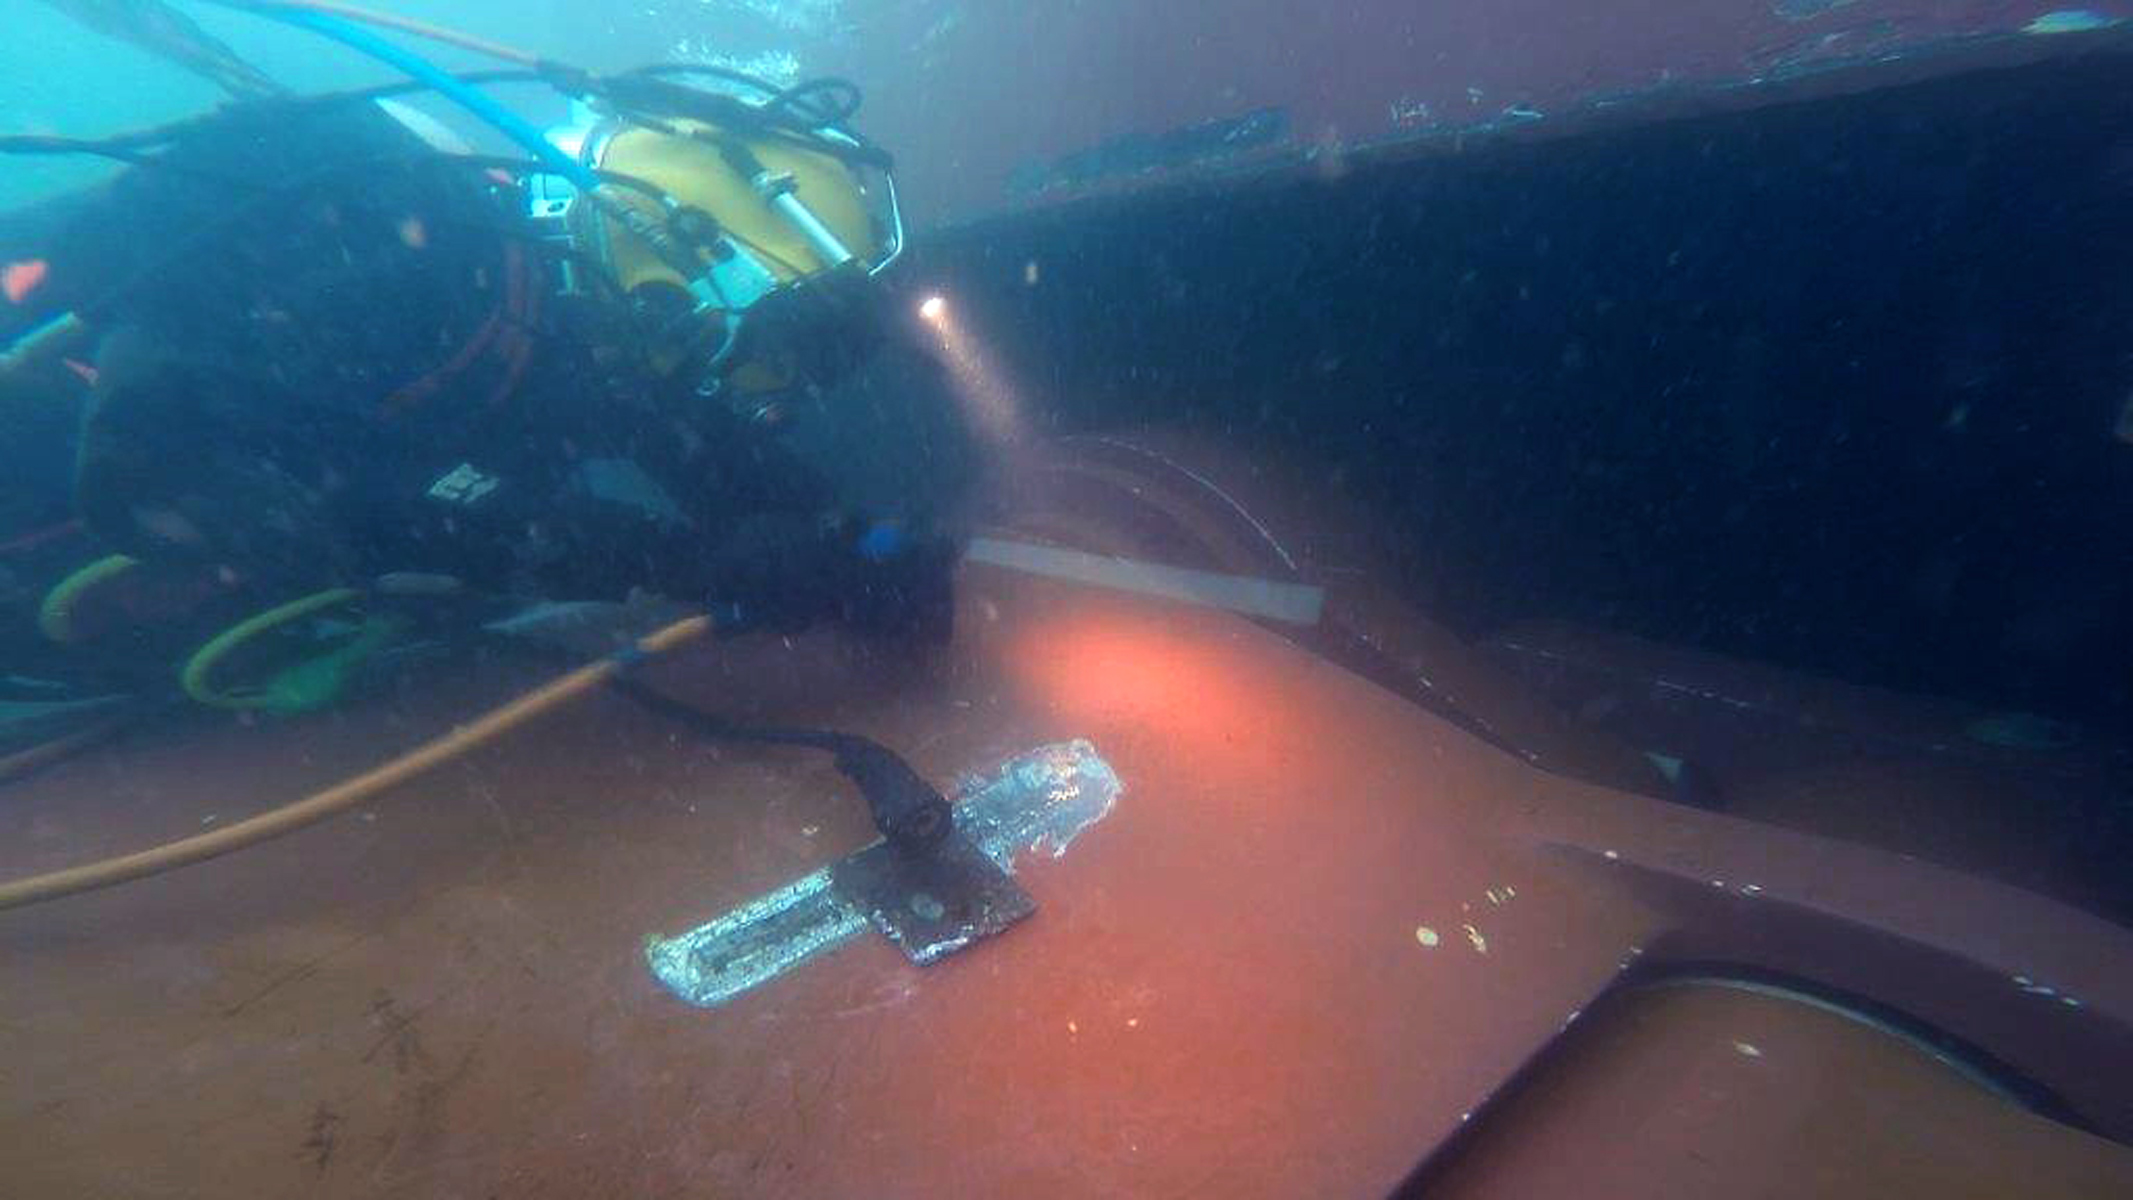 Intervento di manutenzione subacquea su pinna stabilizzatrice retrattile